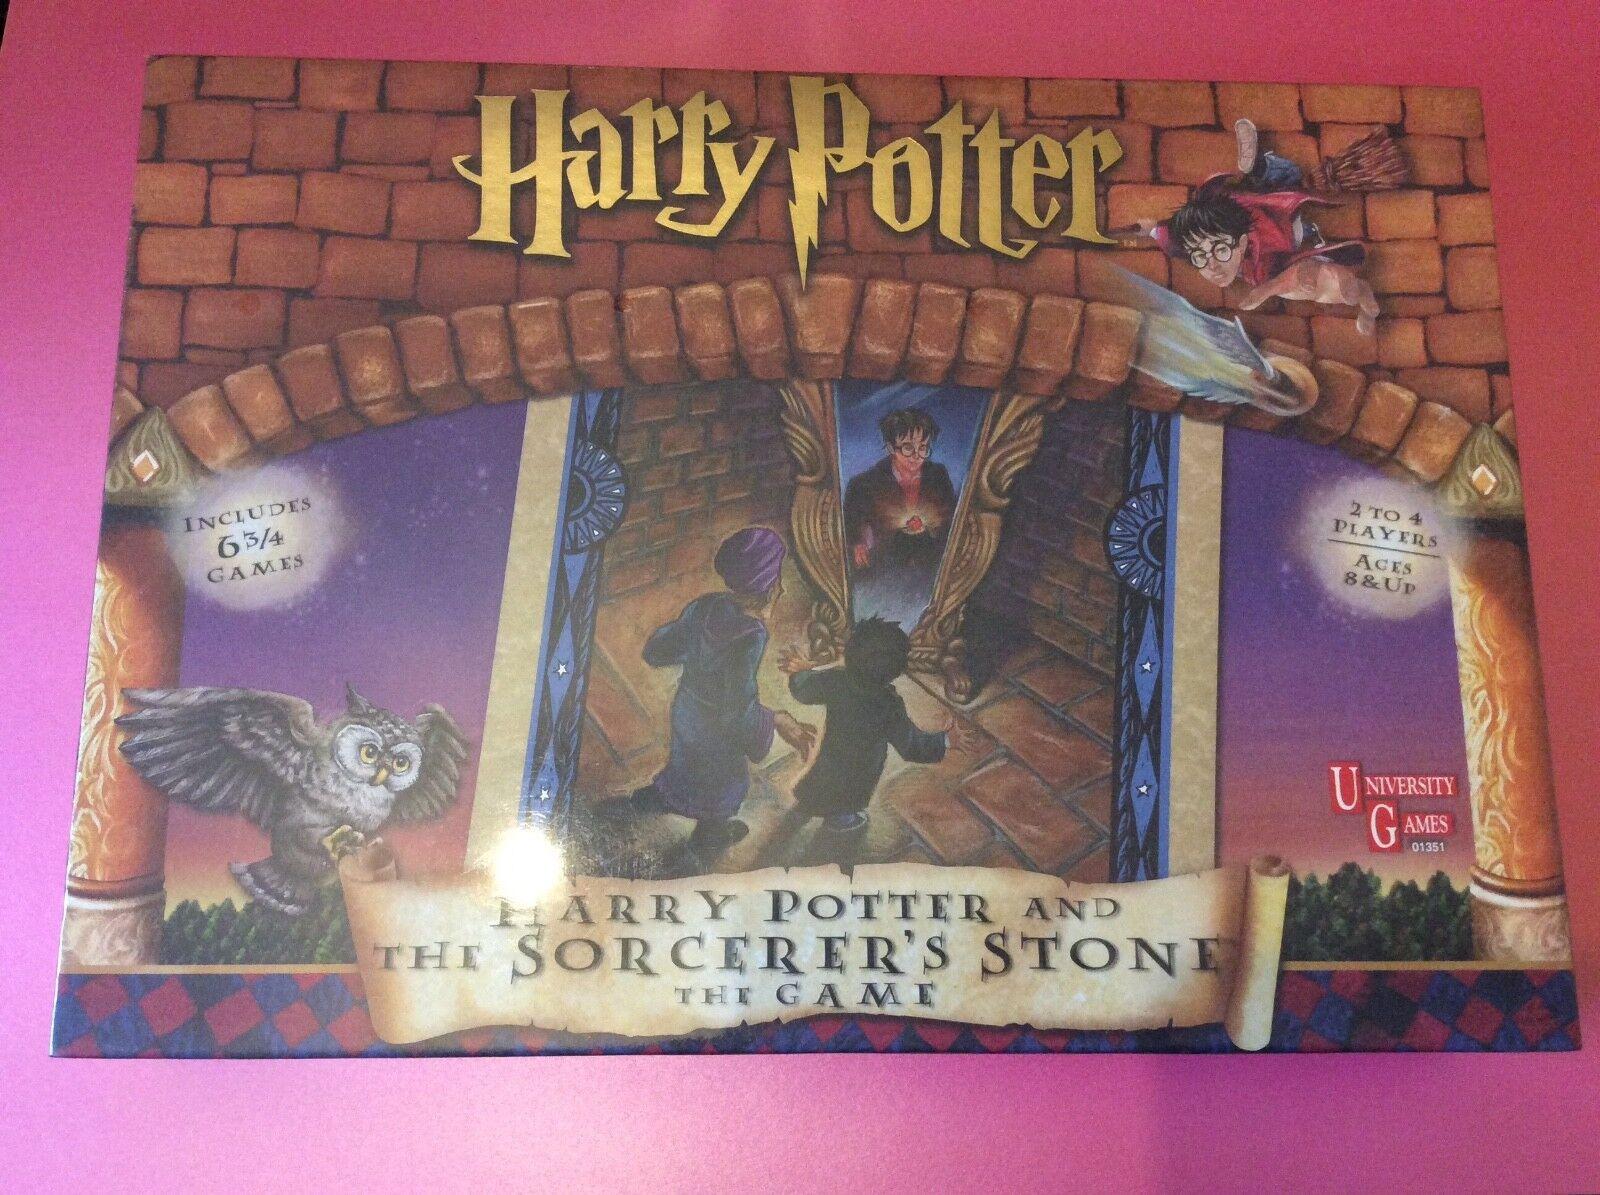 Harry potter zauberer   philosophen stein brettspiel - knappen brandneu und versiegelt